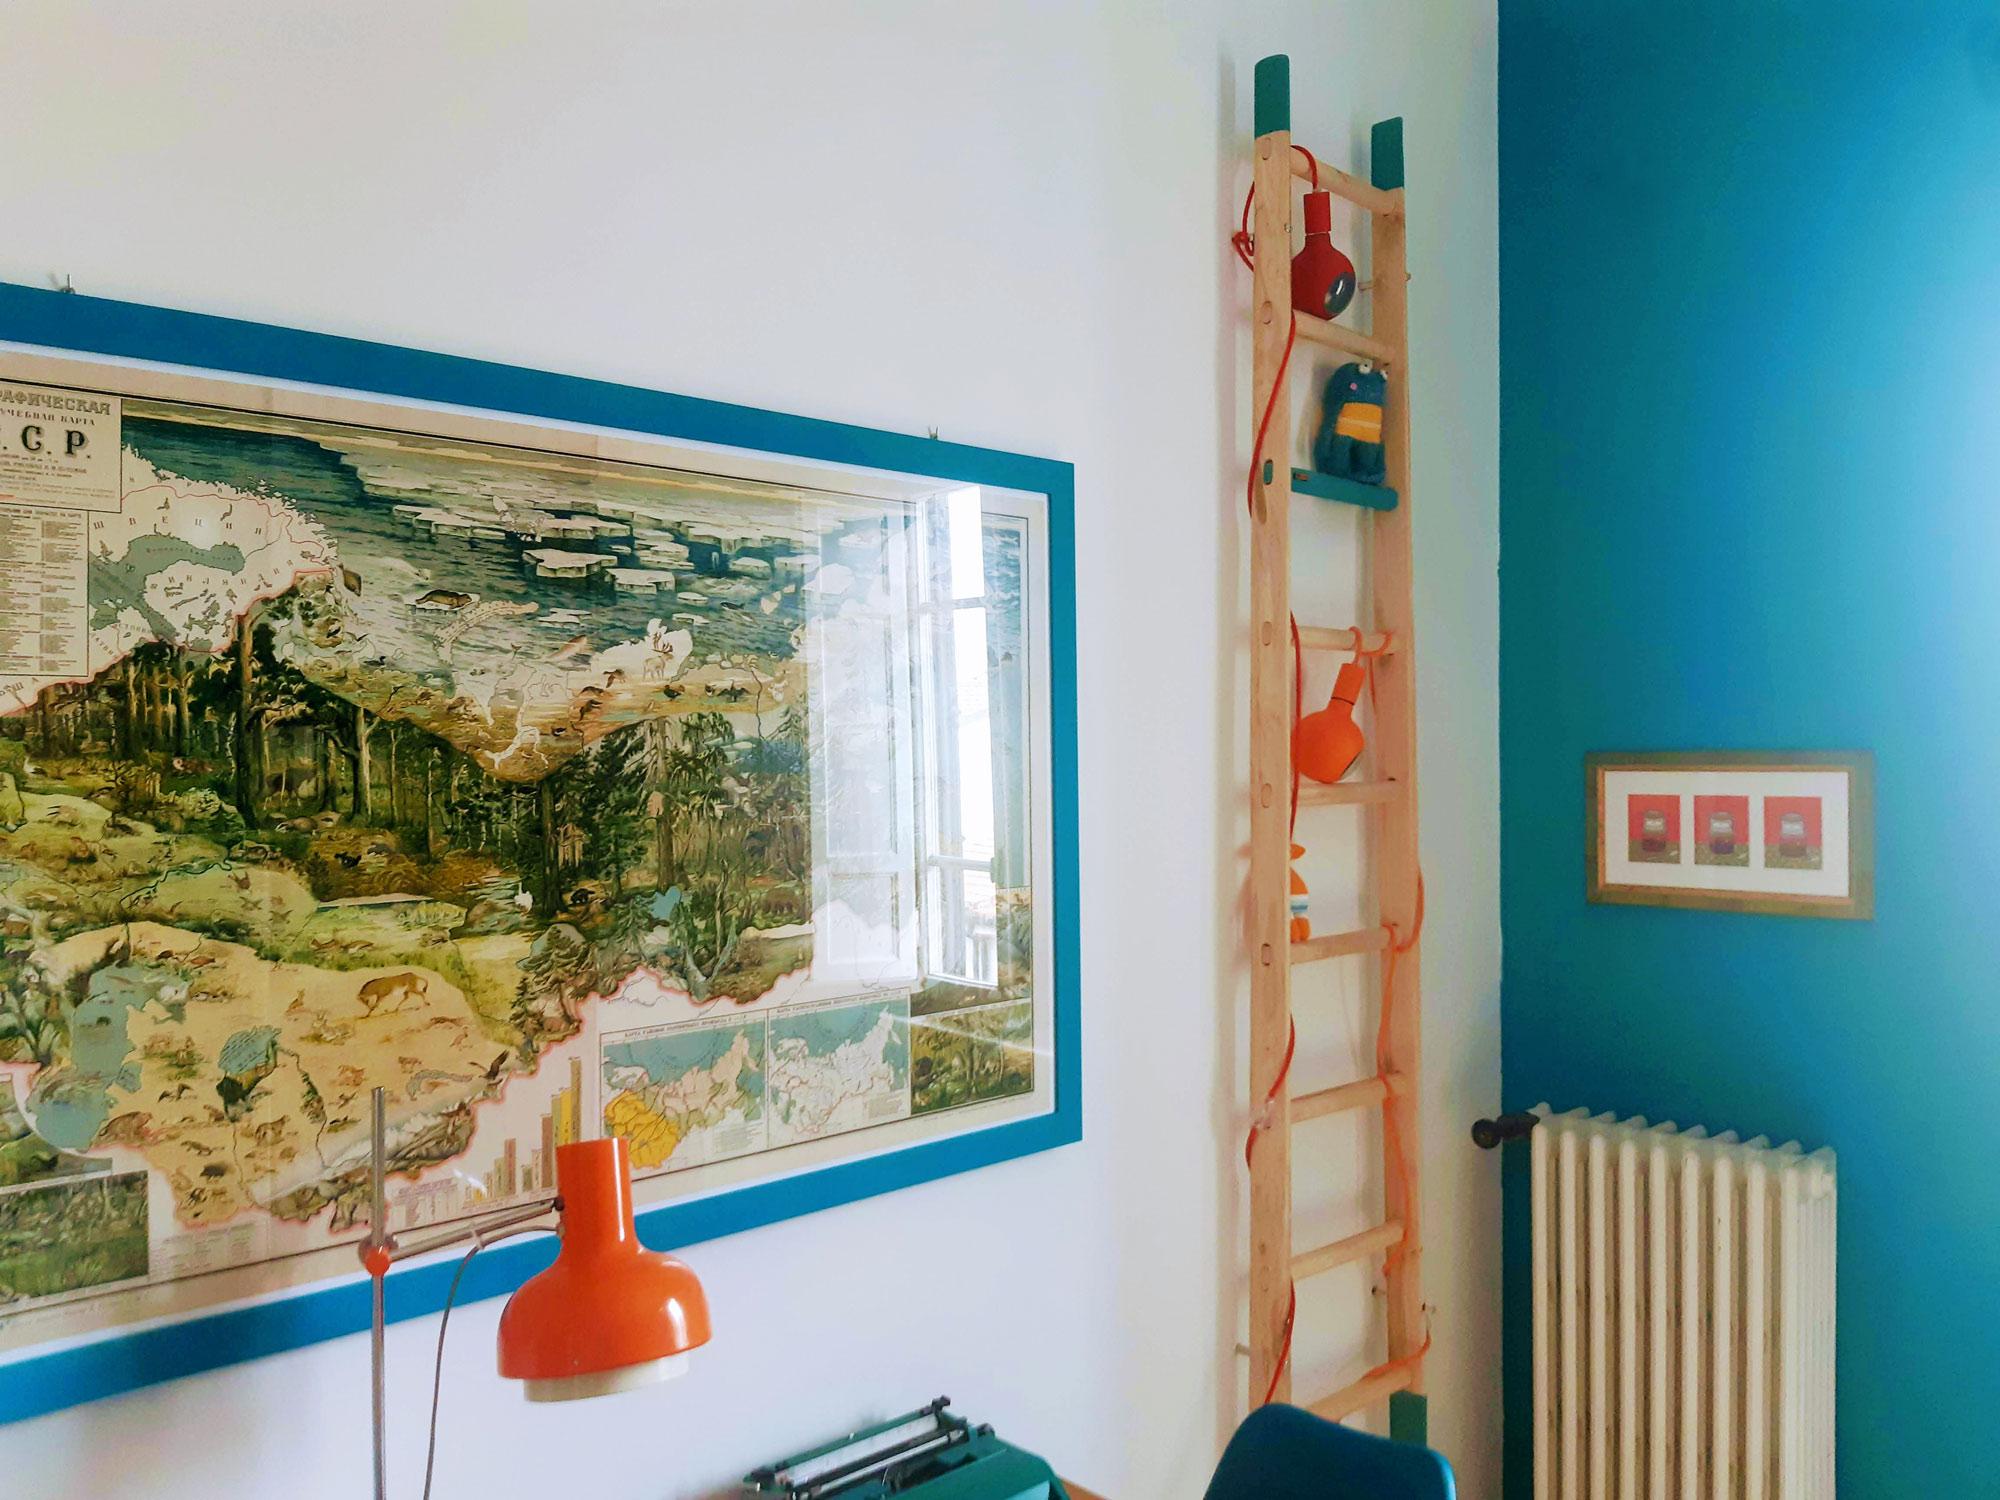 La scala è davvero ottima, il legno naturale ha un effetto molto bello e le lance colorate perfette, proprio come volevo. Grazie mille! - Lorenzo